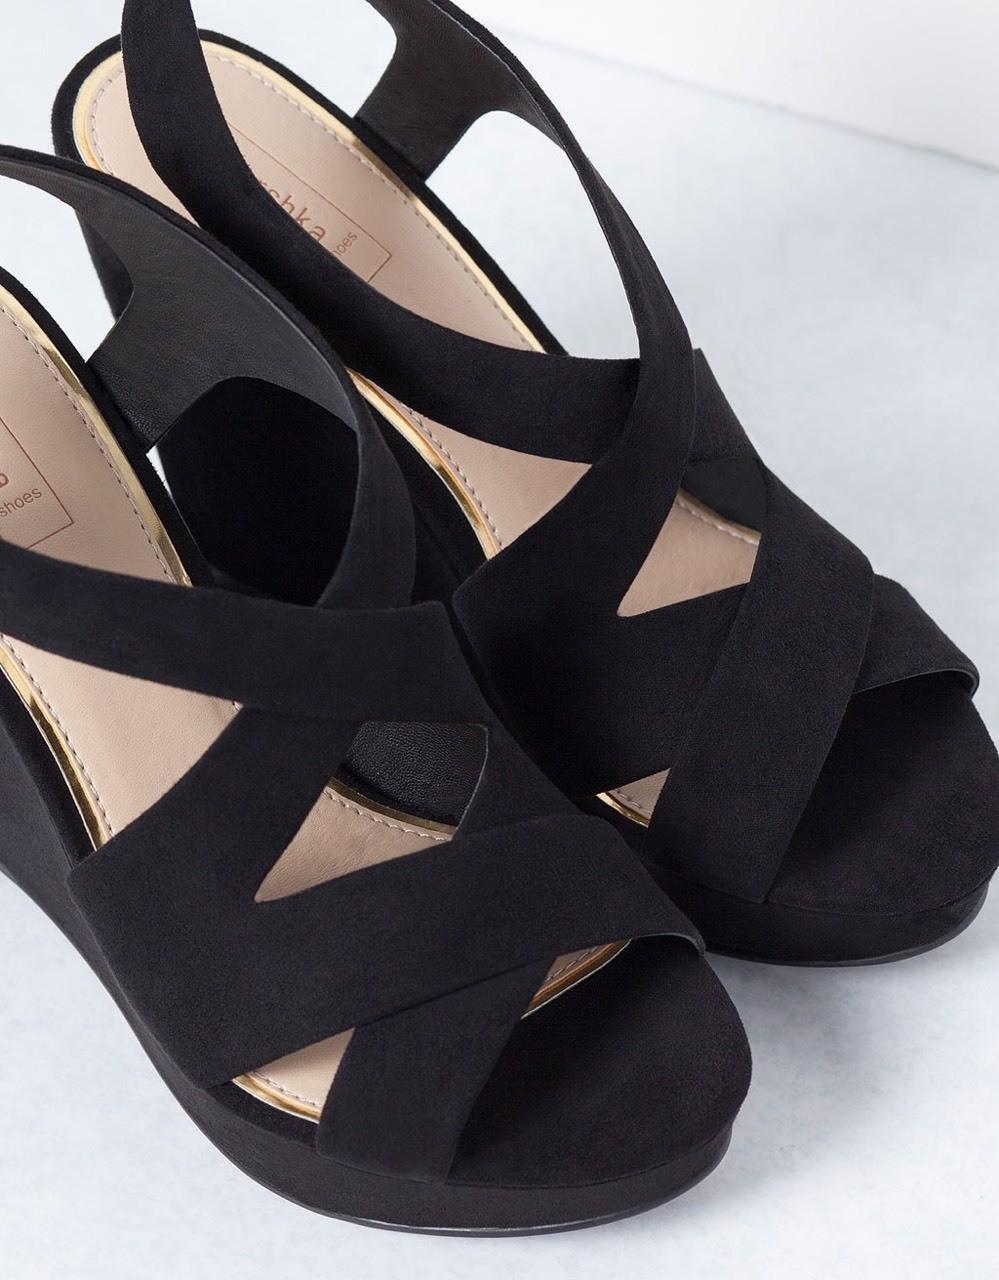 Bershka - Lovely rock heels!